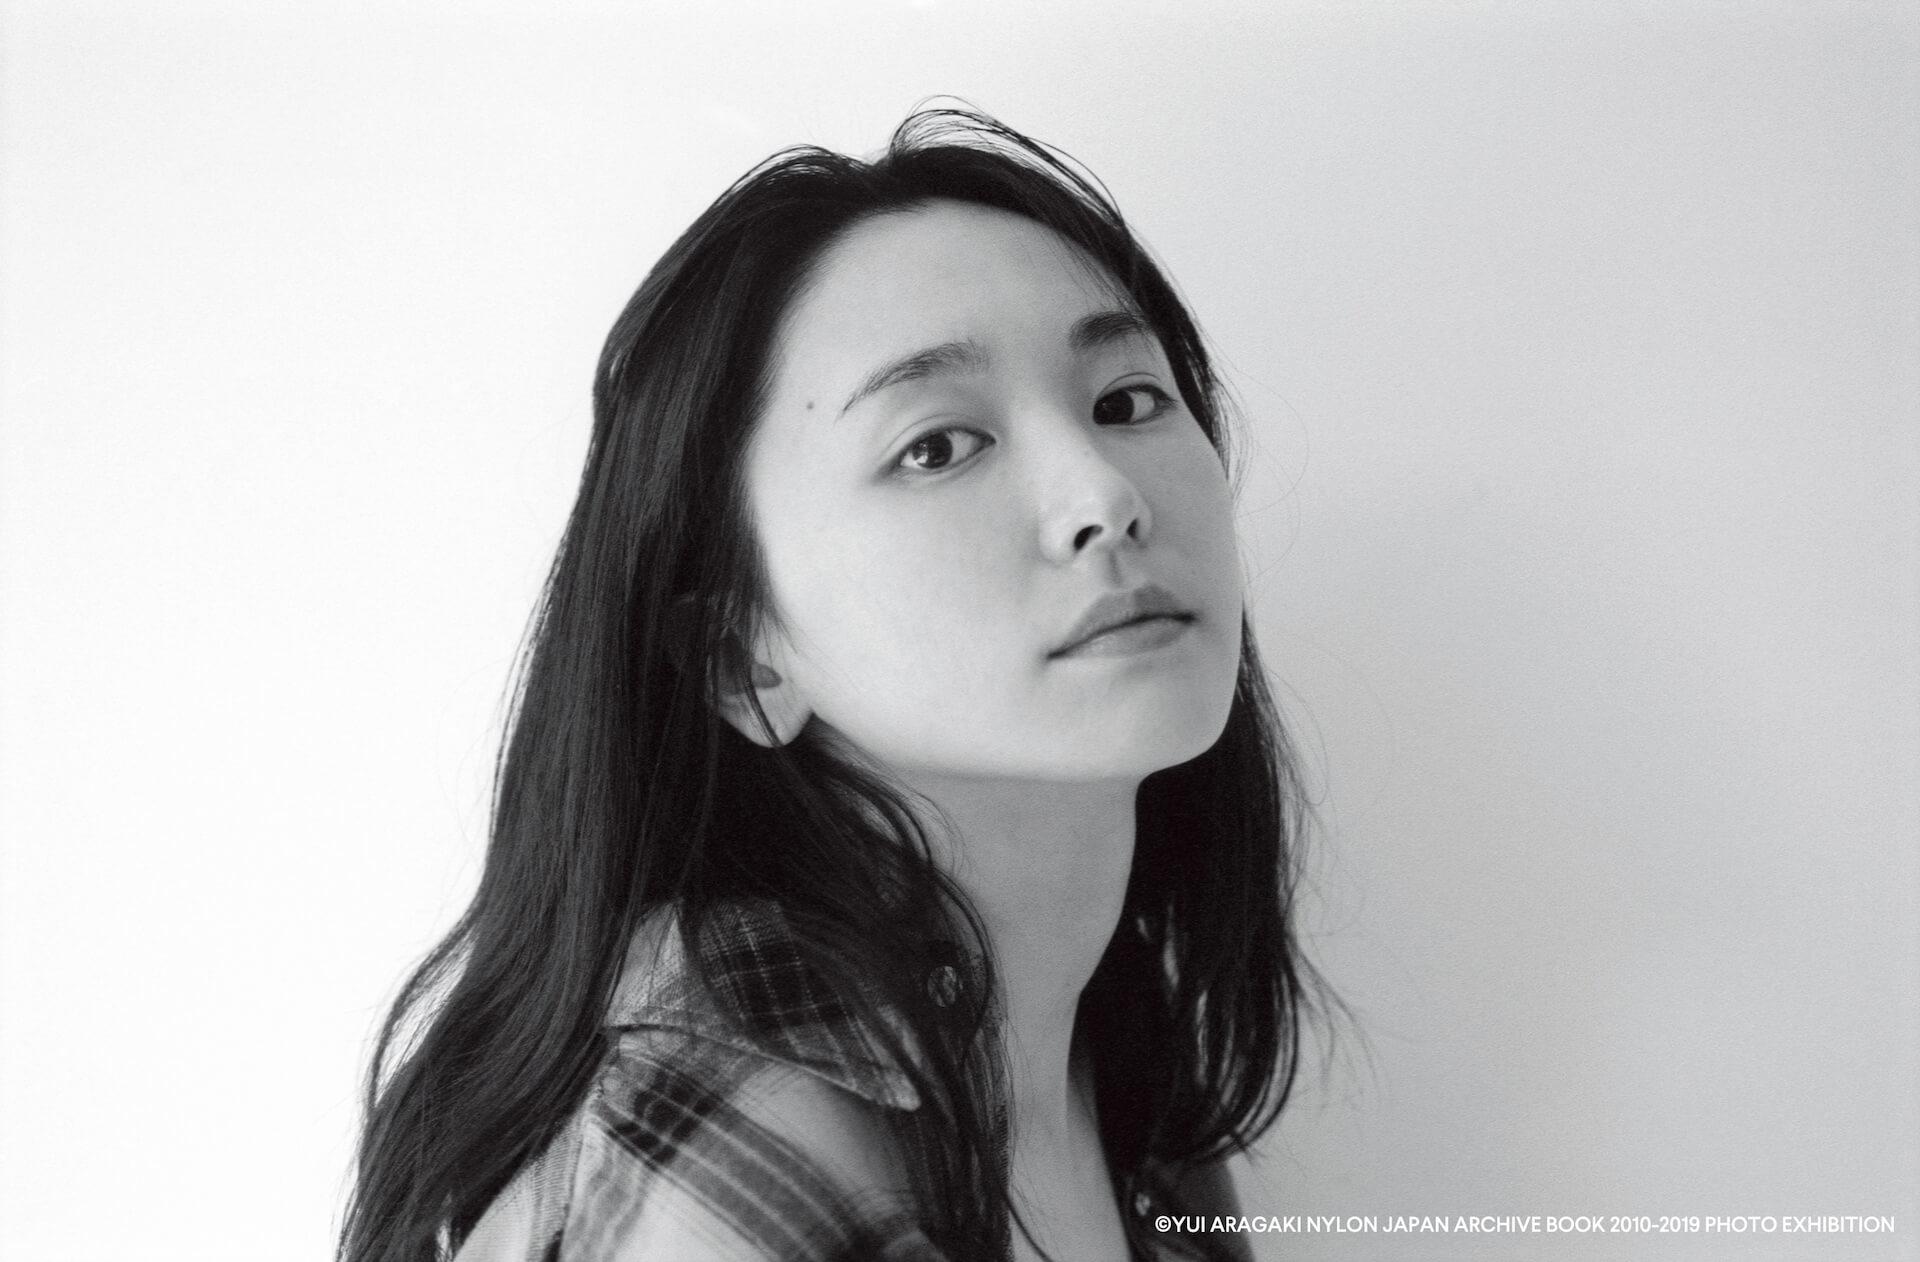 31歳のありのままの新垣結衣が見られる自身初の写真展が渋谷PARCO・GALLERY Xで開催決定! art200629_aragakiyui_1